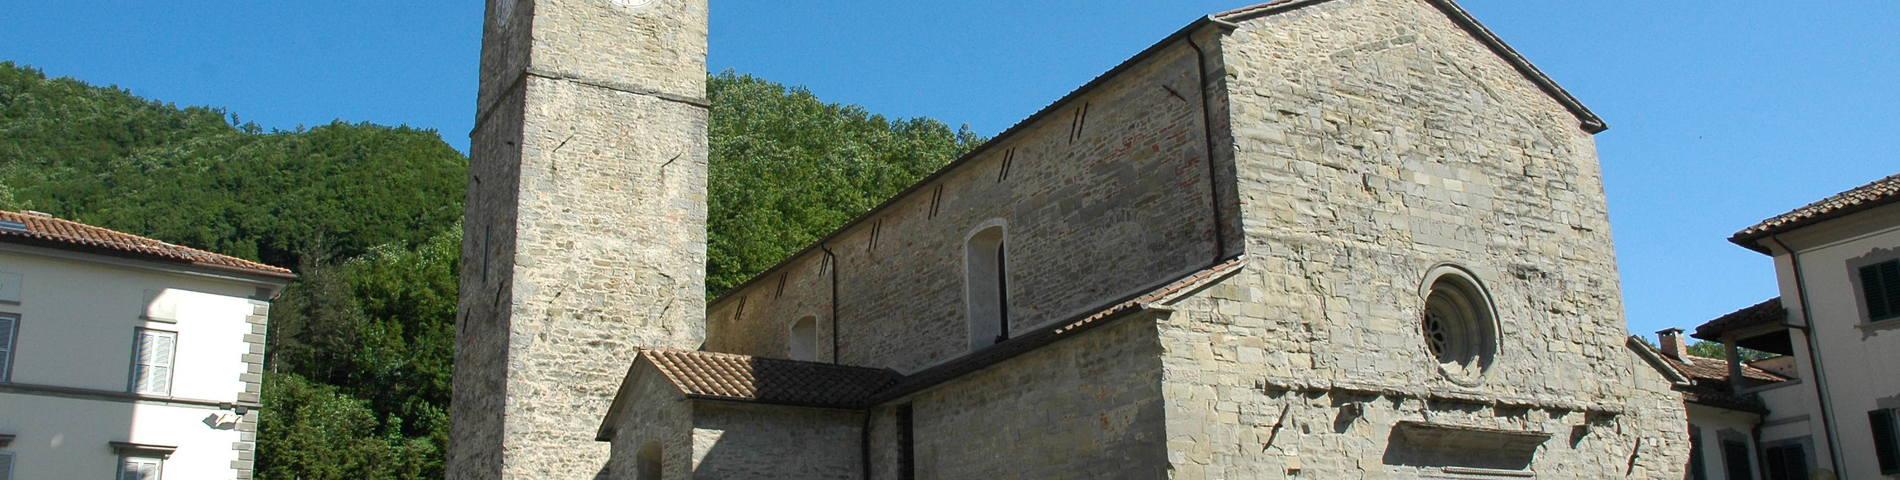 Scuola palazzo malvisi bagno di romagna language school - Palazzo turchi di bagno ...